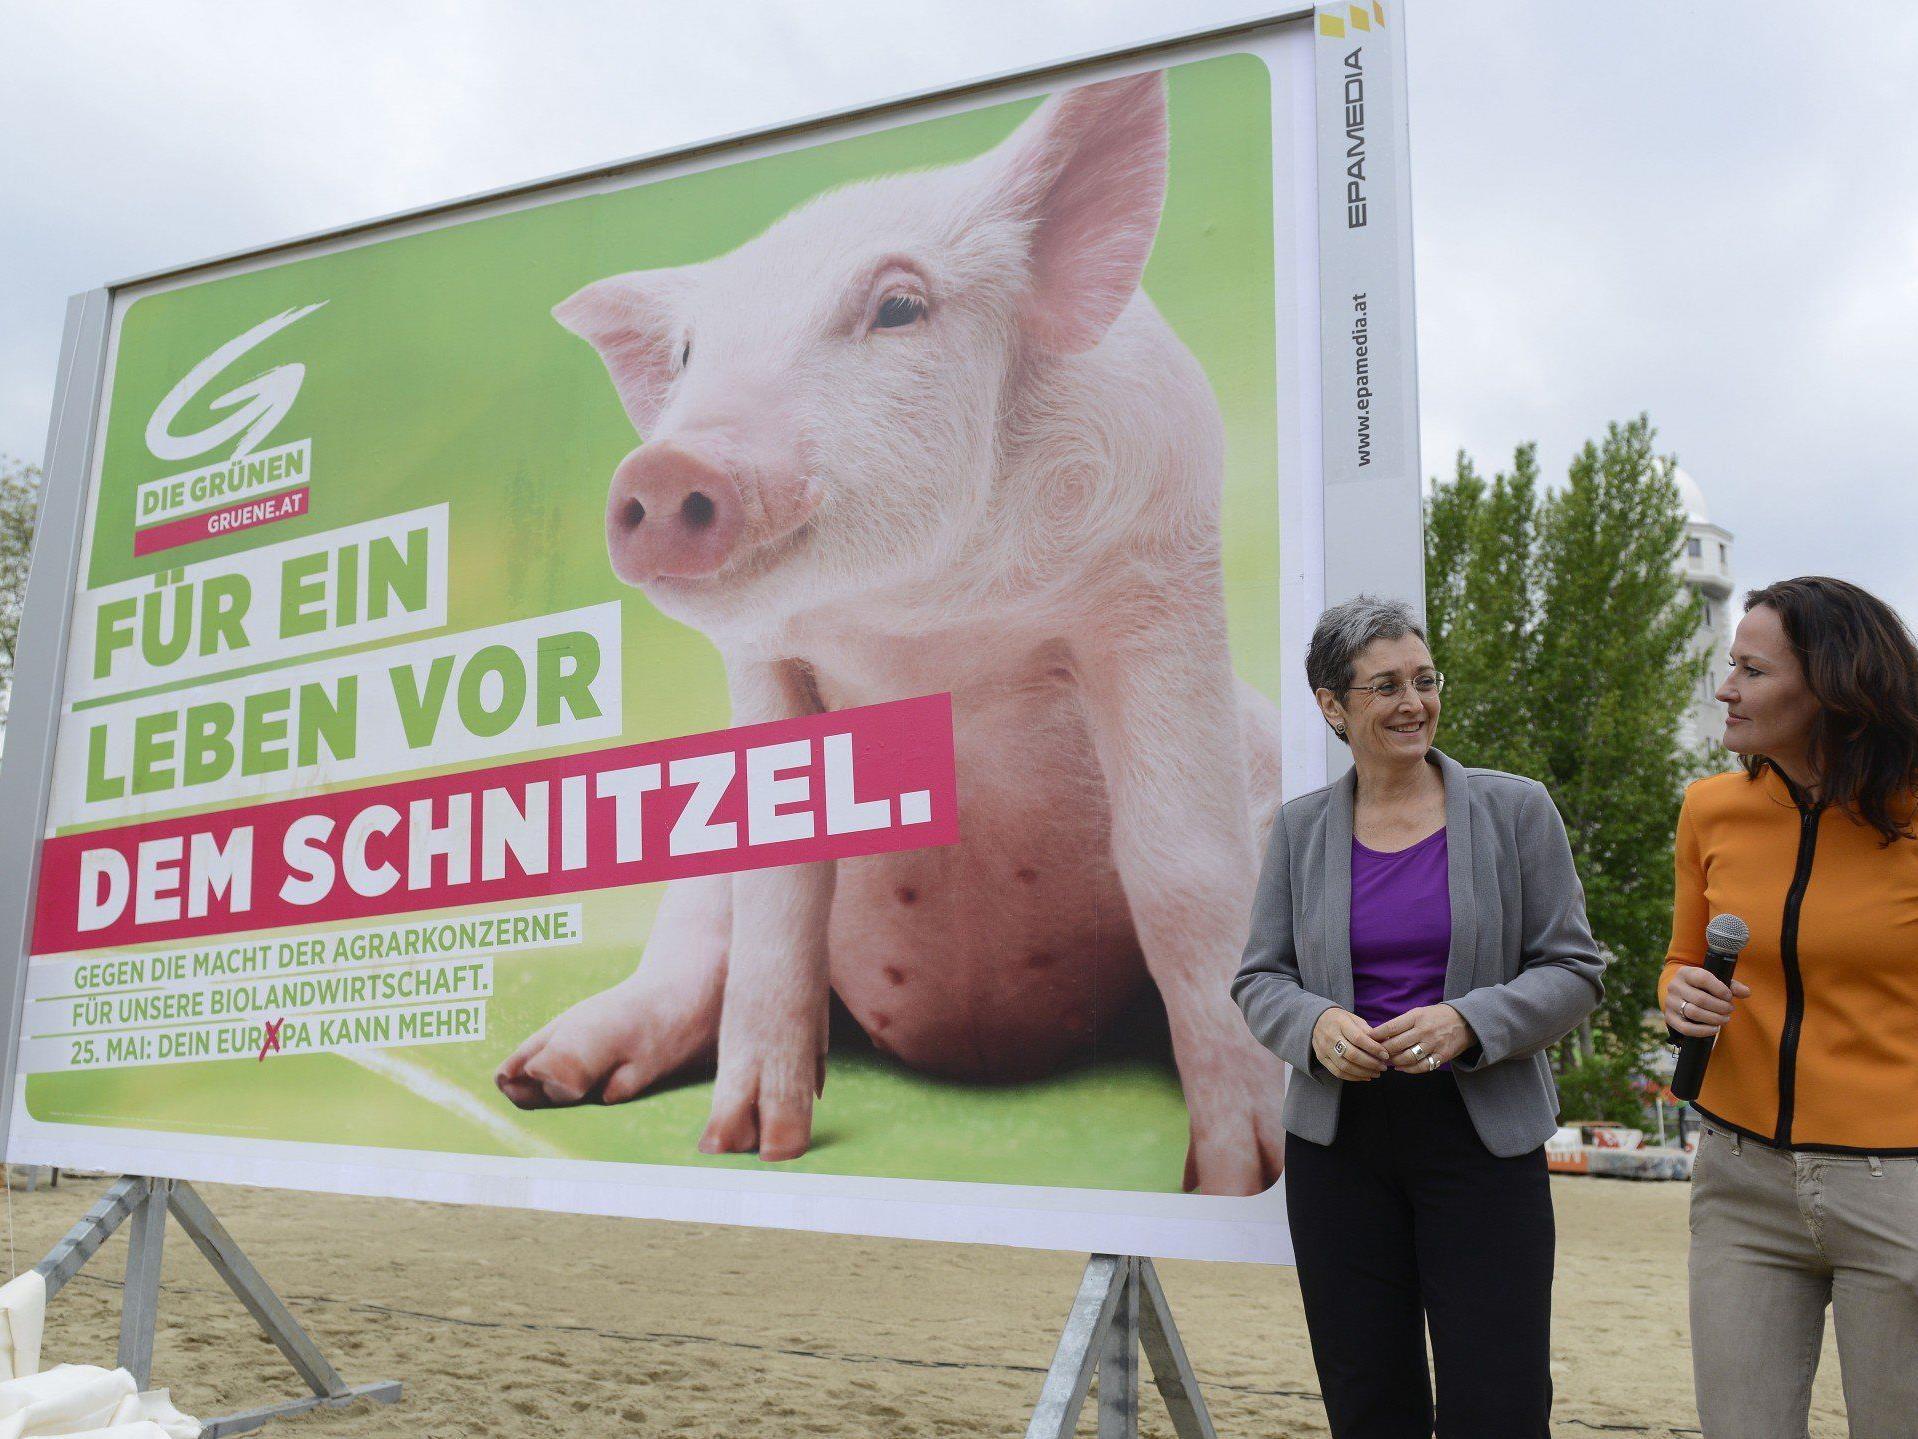 Das sind die neuen Plakate der Grünen zur Europawahl 2014.